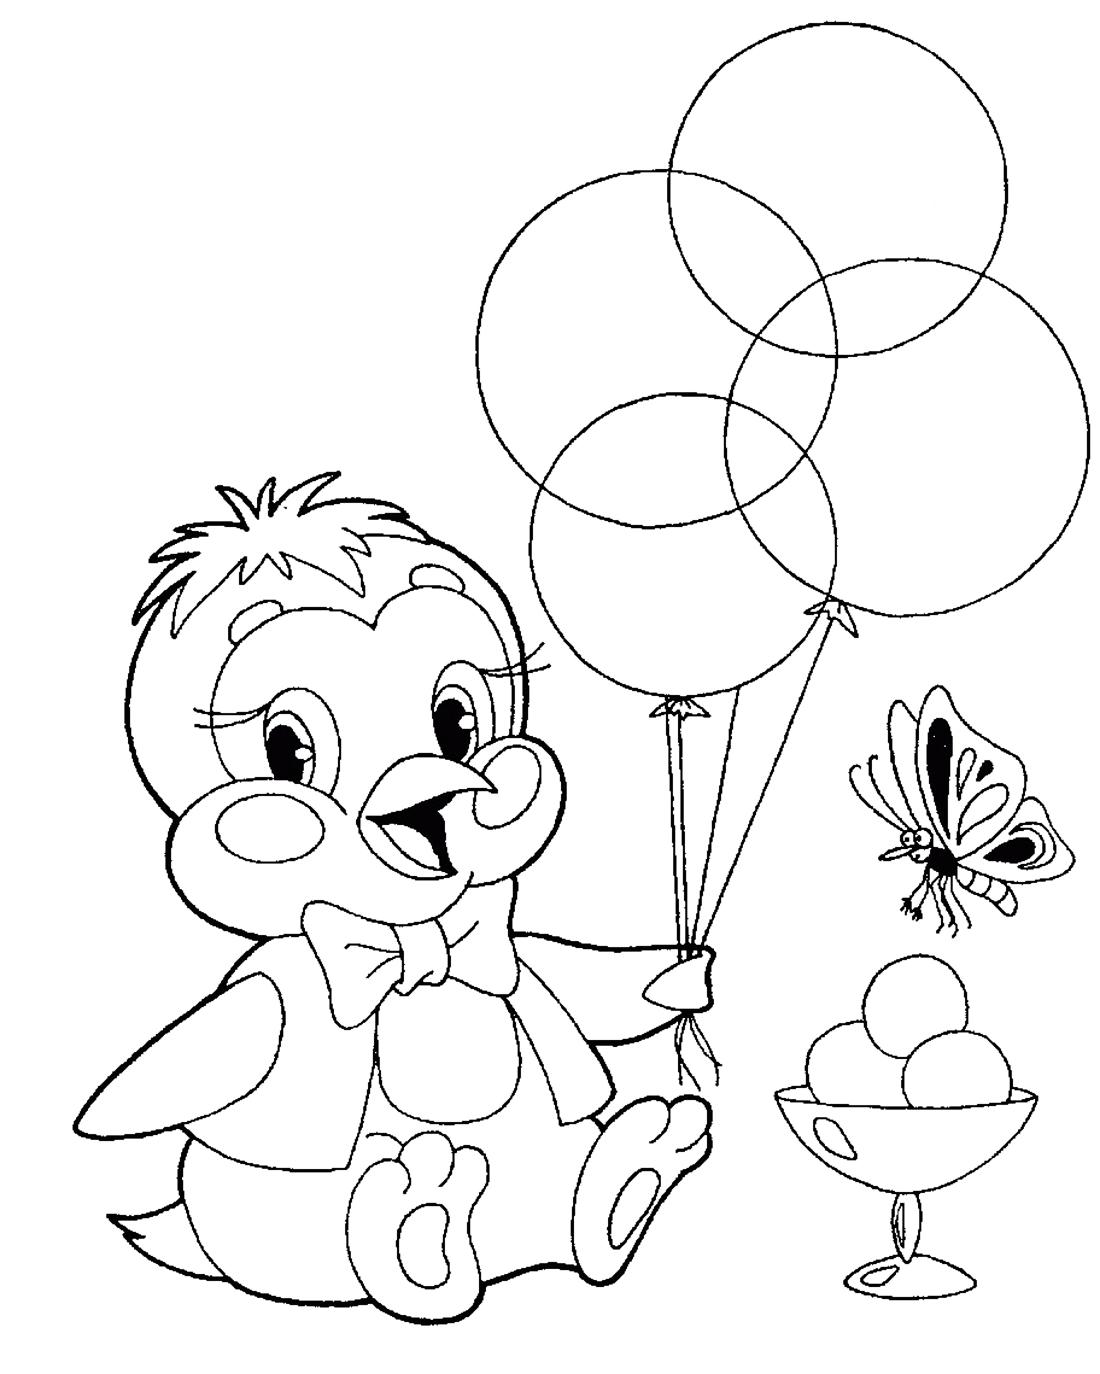 Пингвин и шарики - раскраска №11052 | Printonic.ru